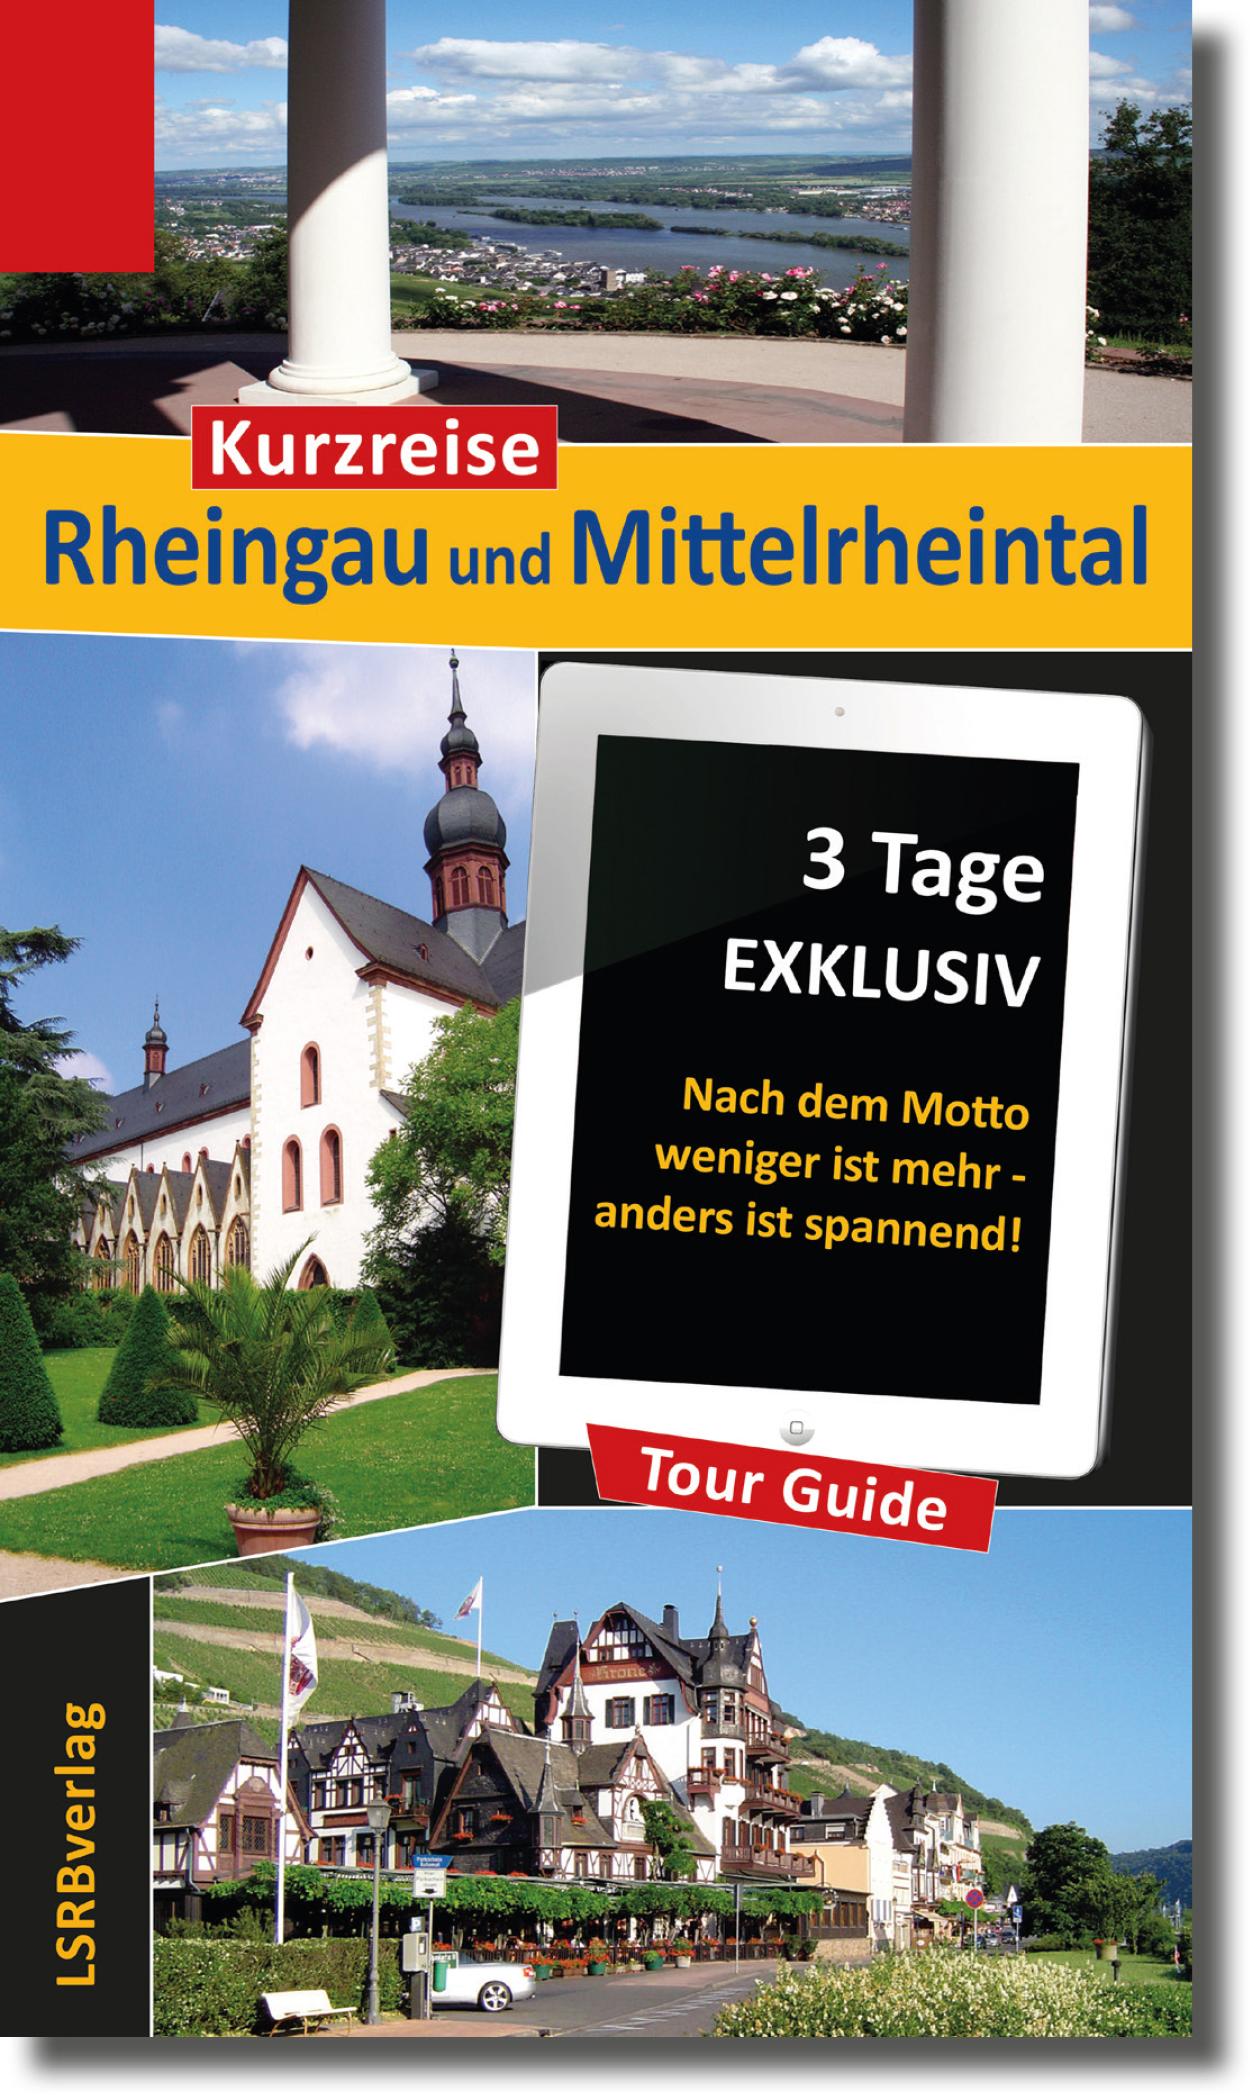 Kurzreise Rheingau